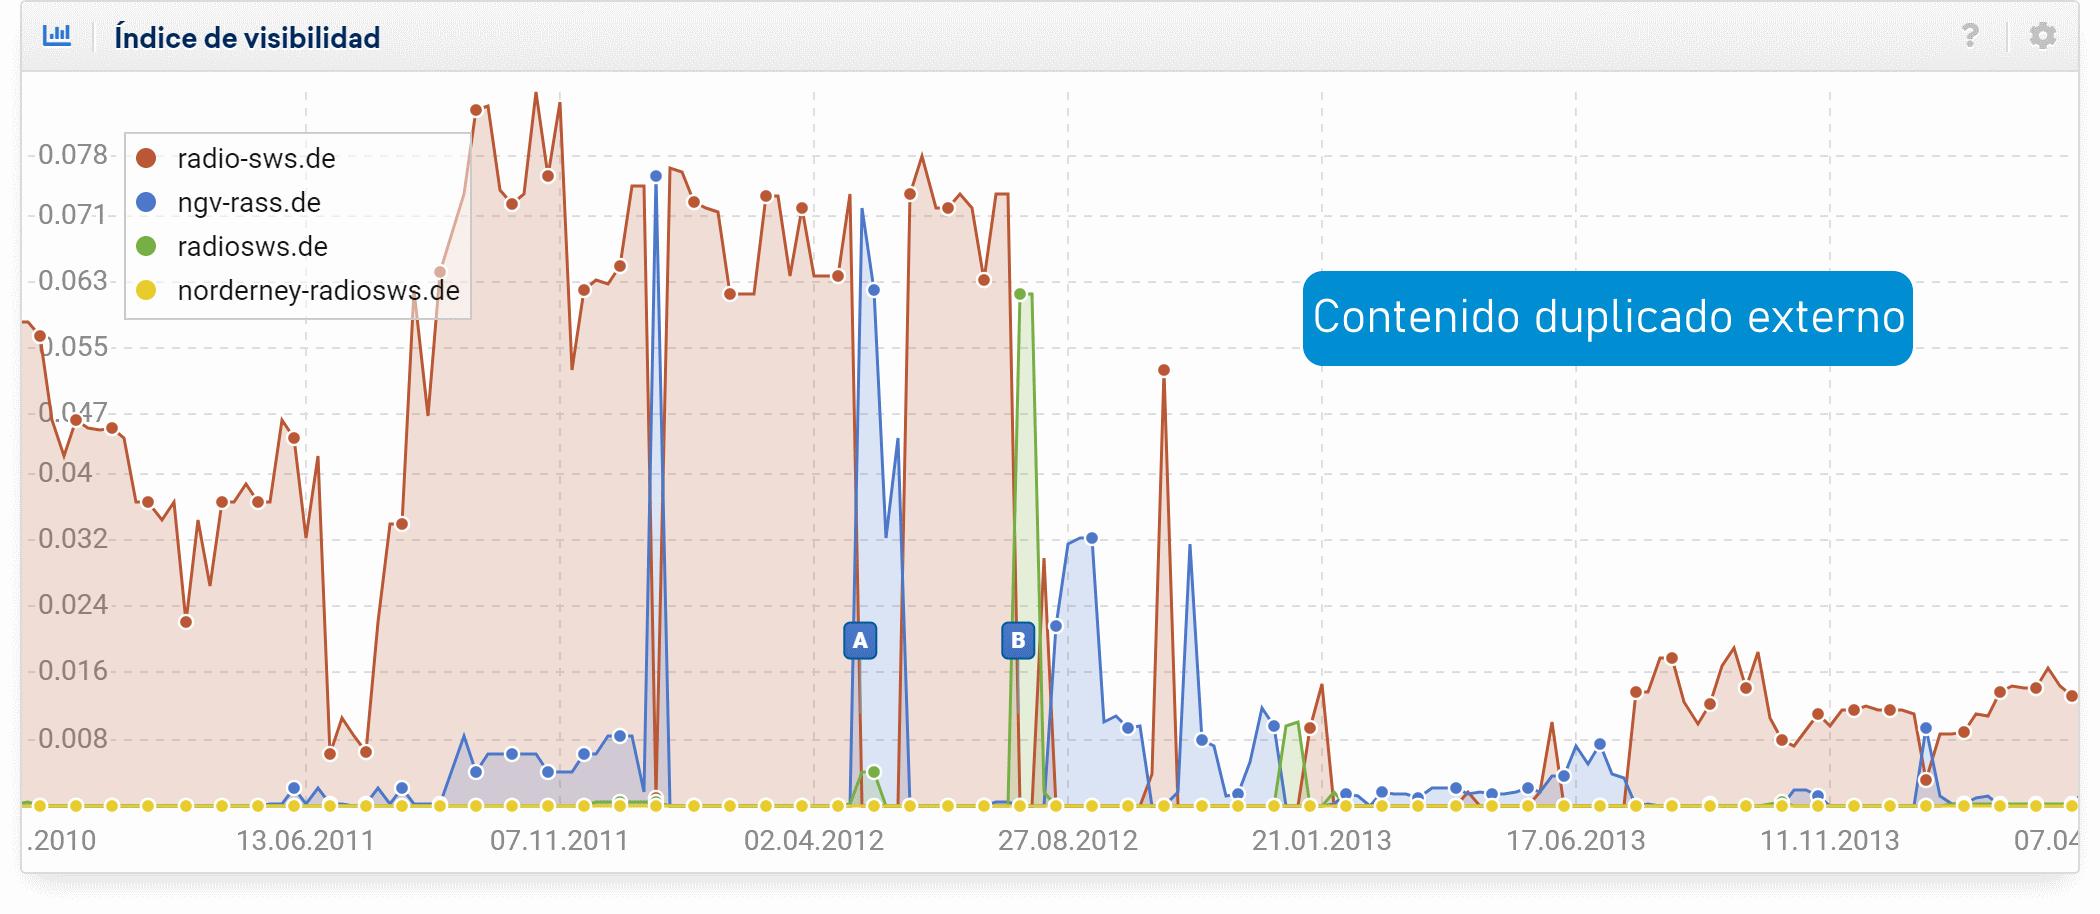 Índice de visibilidad SISTRIX donde se comparan 4 dominios que muestran el problema del contenido duplicado externo en Google.de